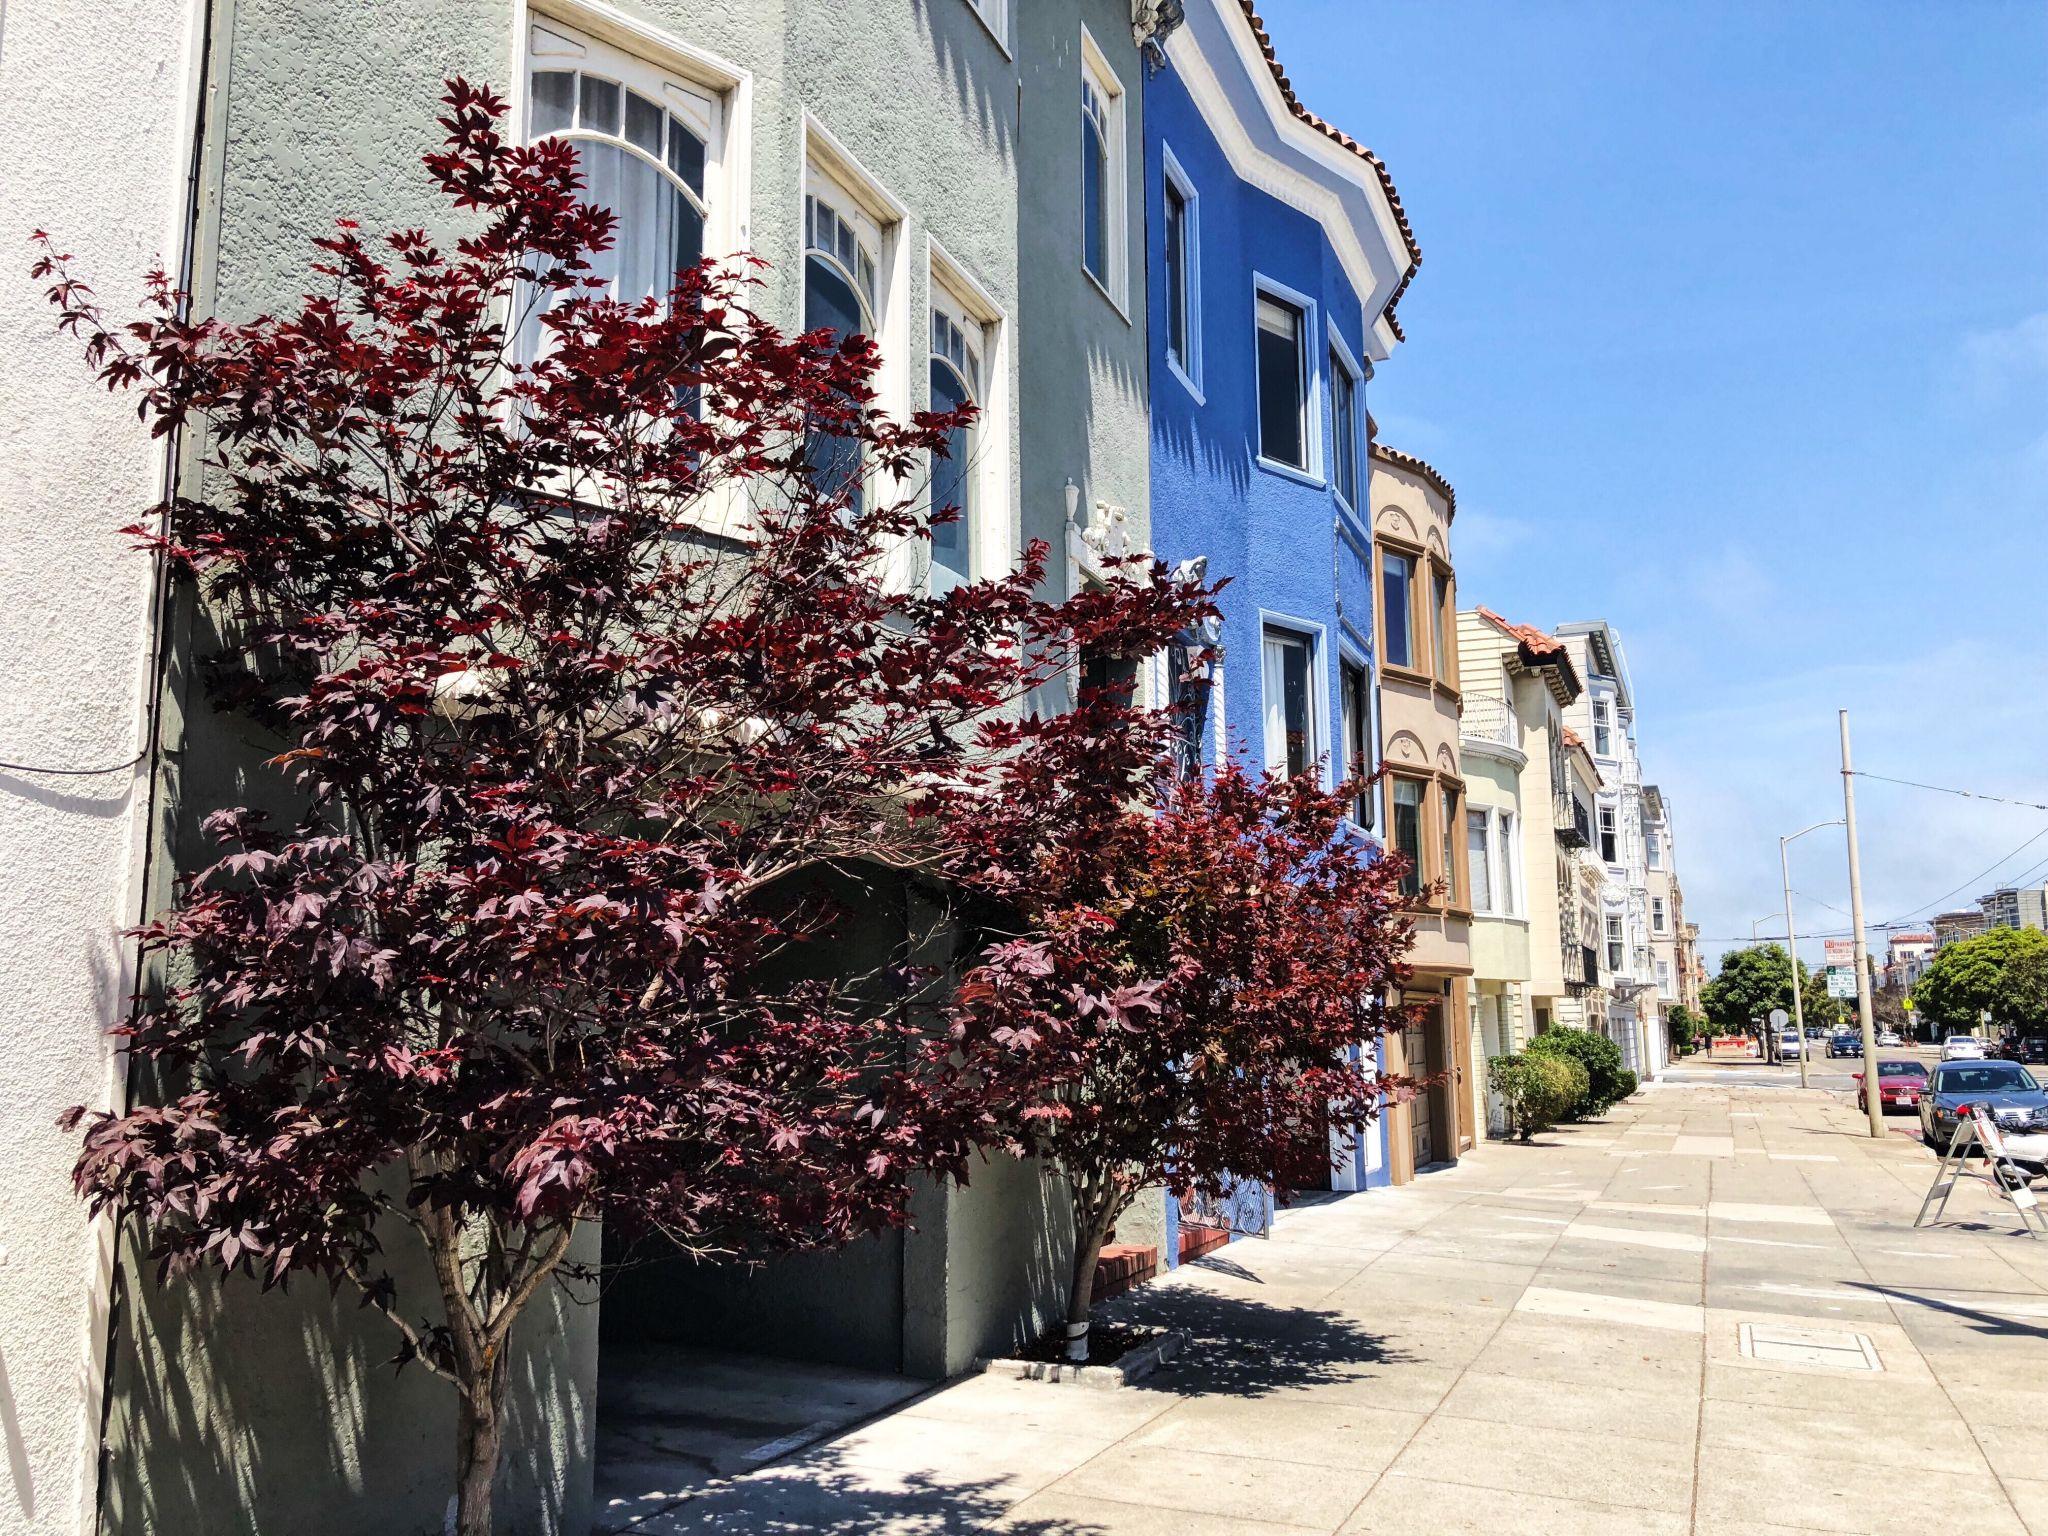 Die Marina/ Chestnut Street Gegend in San Francisco - Nowshine ü40 Reiseblog - Häuser